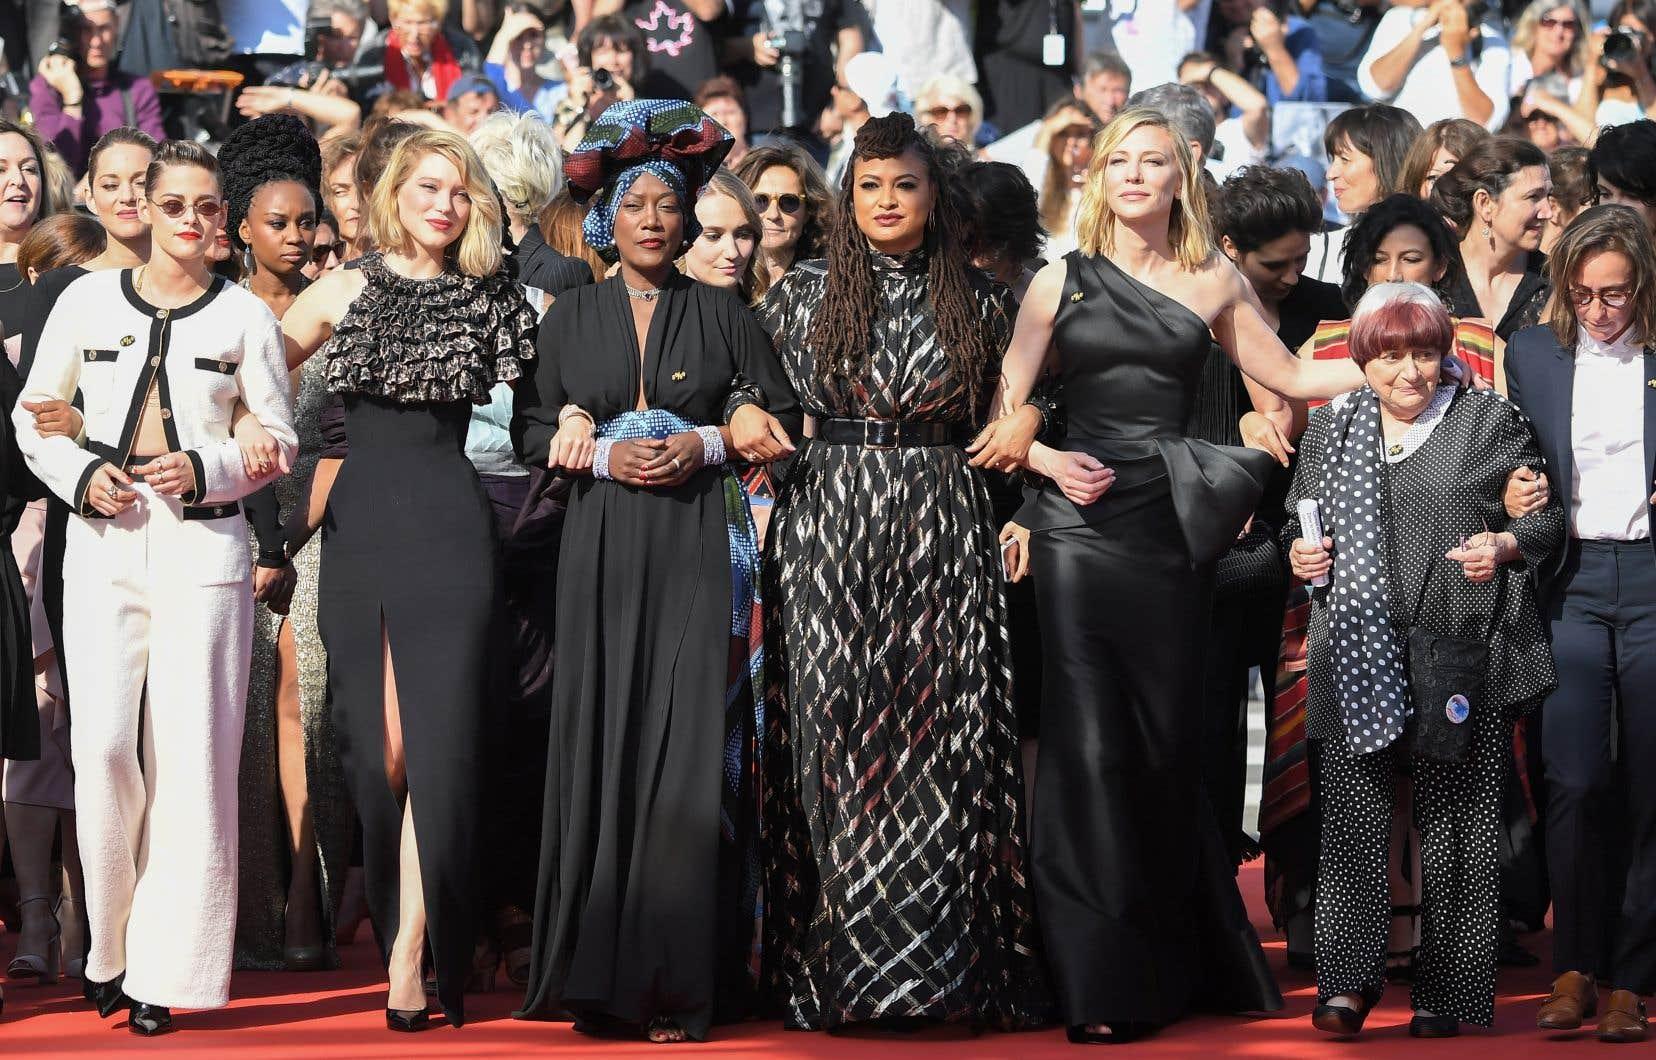 Le Festival avait envoyé un premier signal fort en direction des femmes, en choisissant un jury majoritairement féminin.